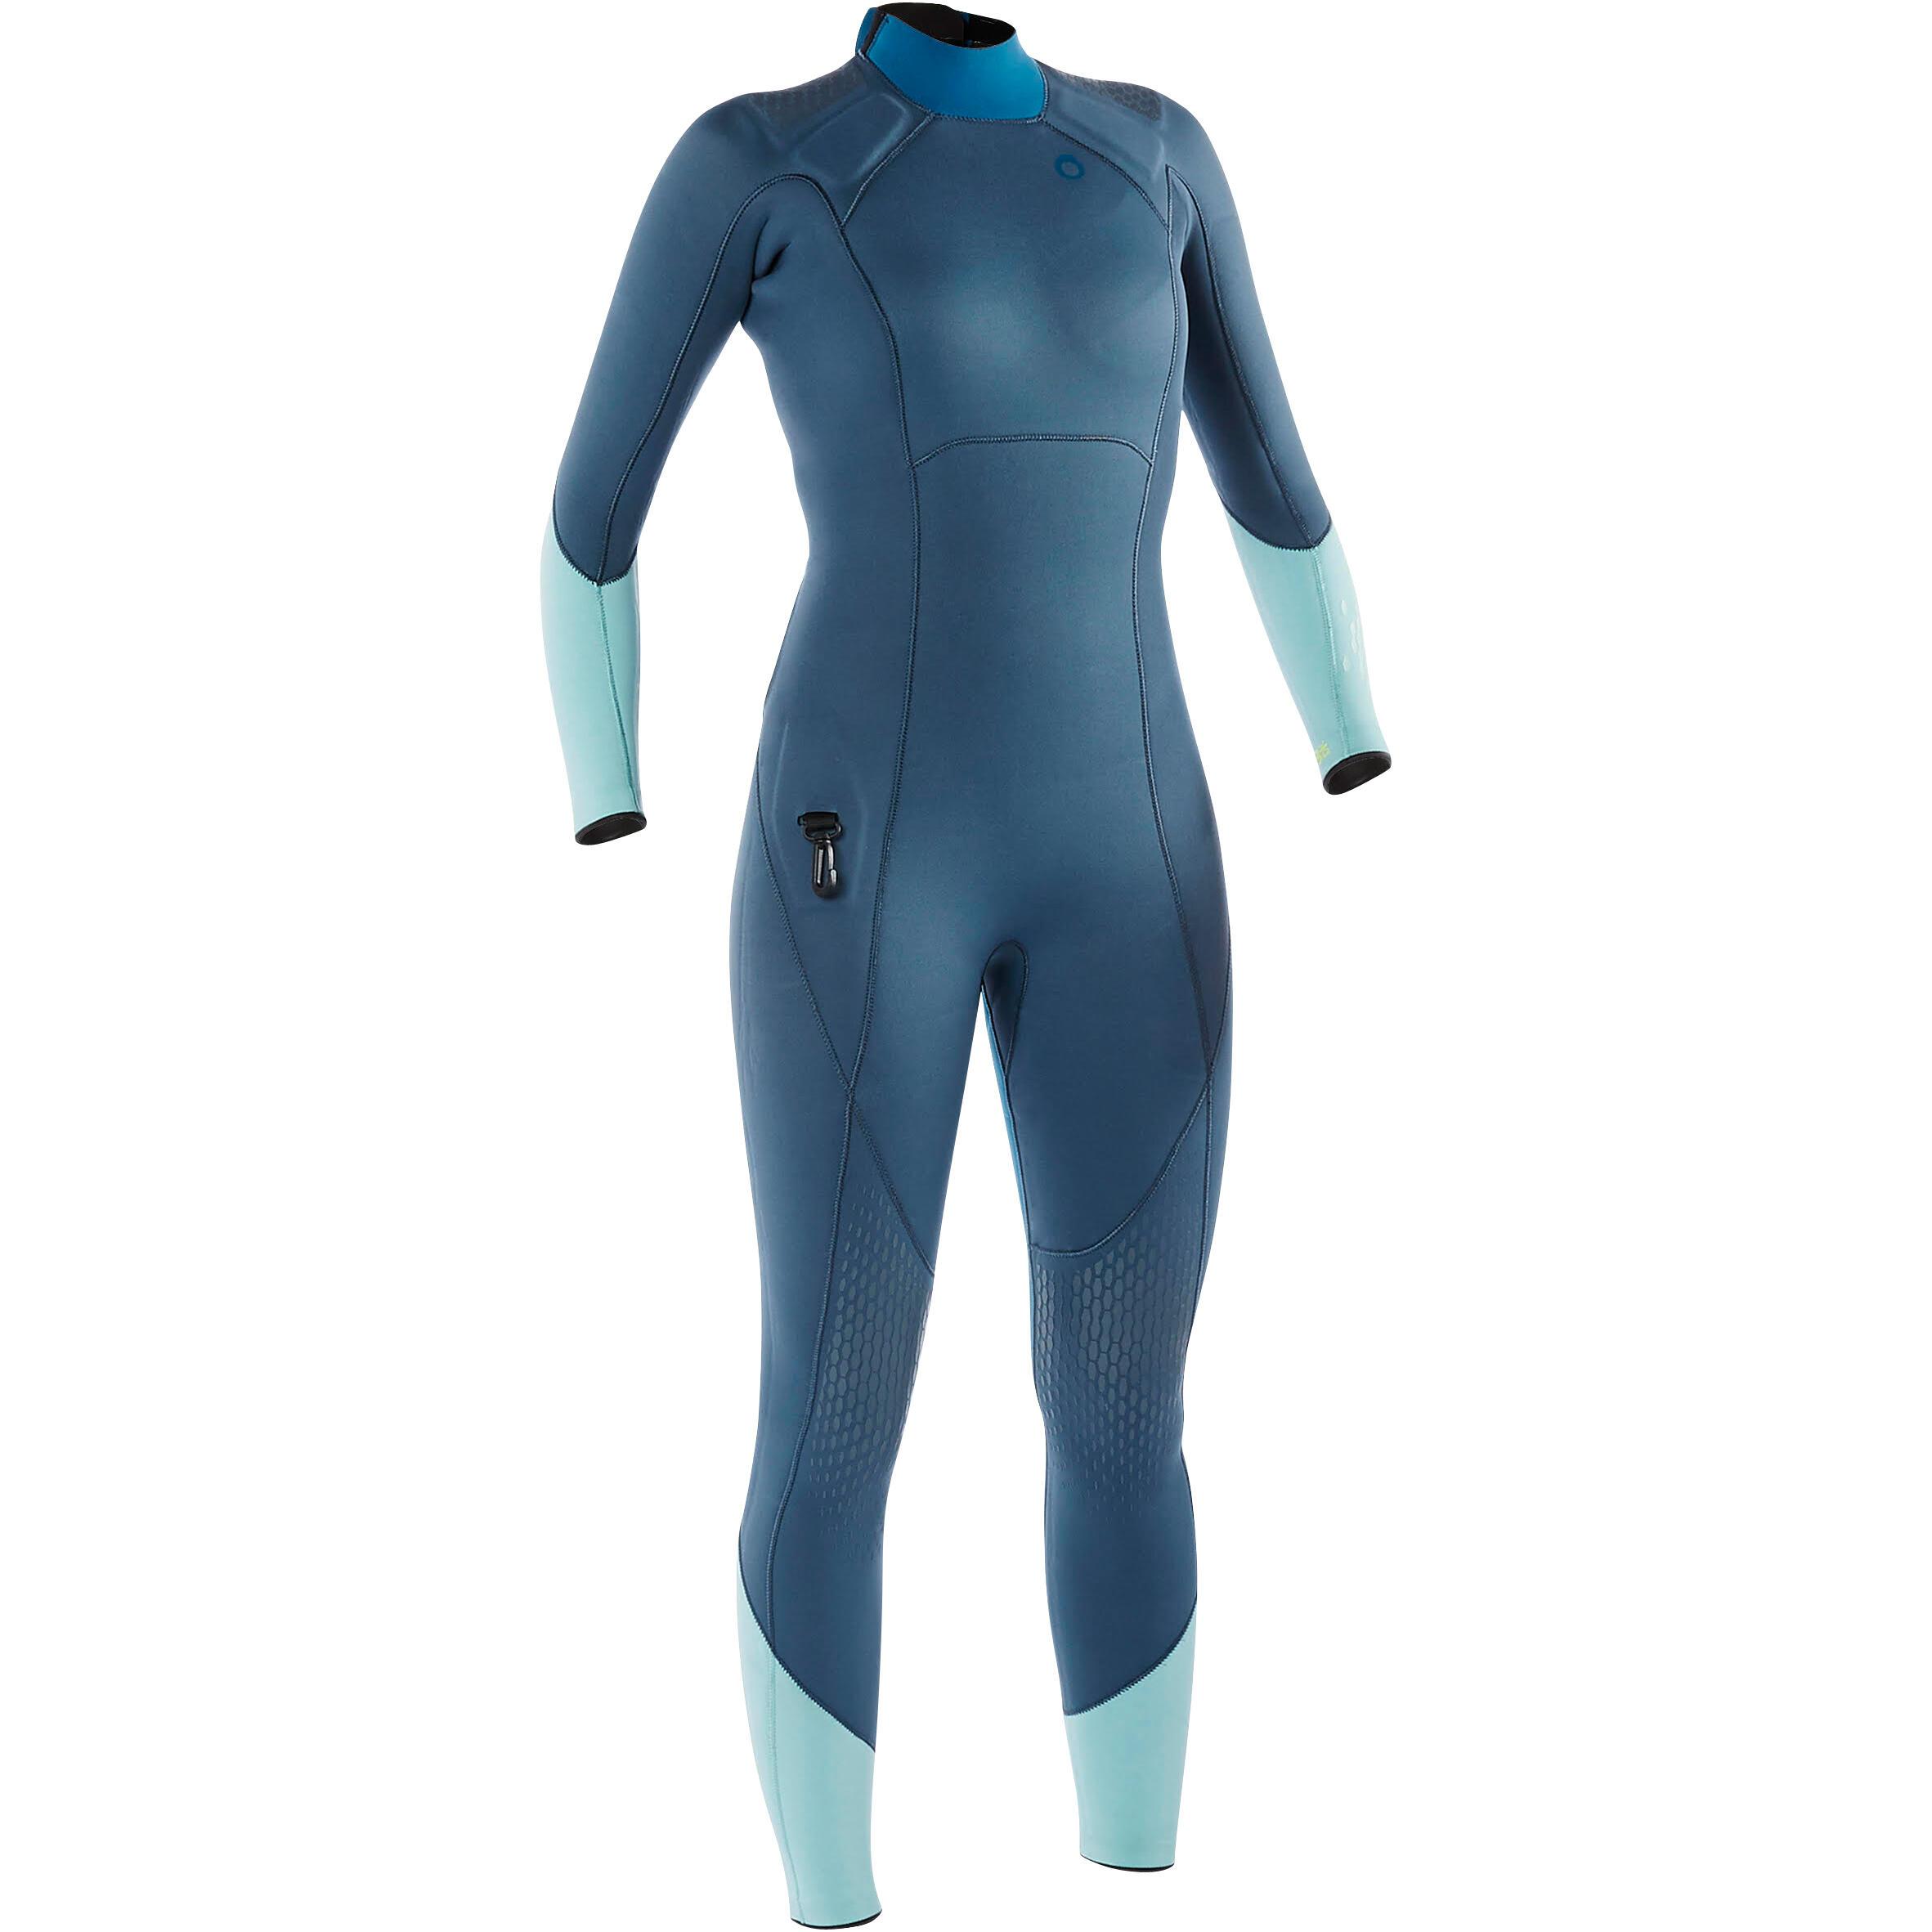 comprar el más nuevo Estados Unidos material seleccionado Comprar traje de buceo húmedo o semiseco | Decathlon